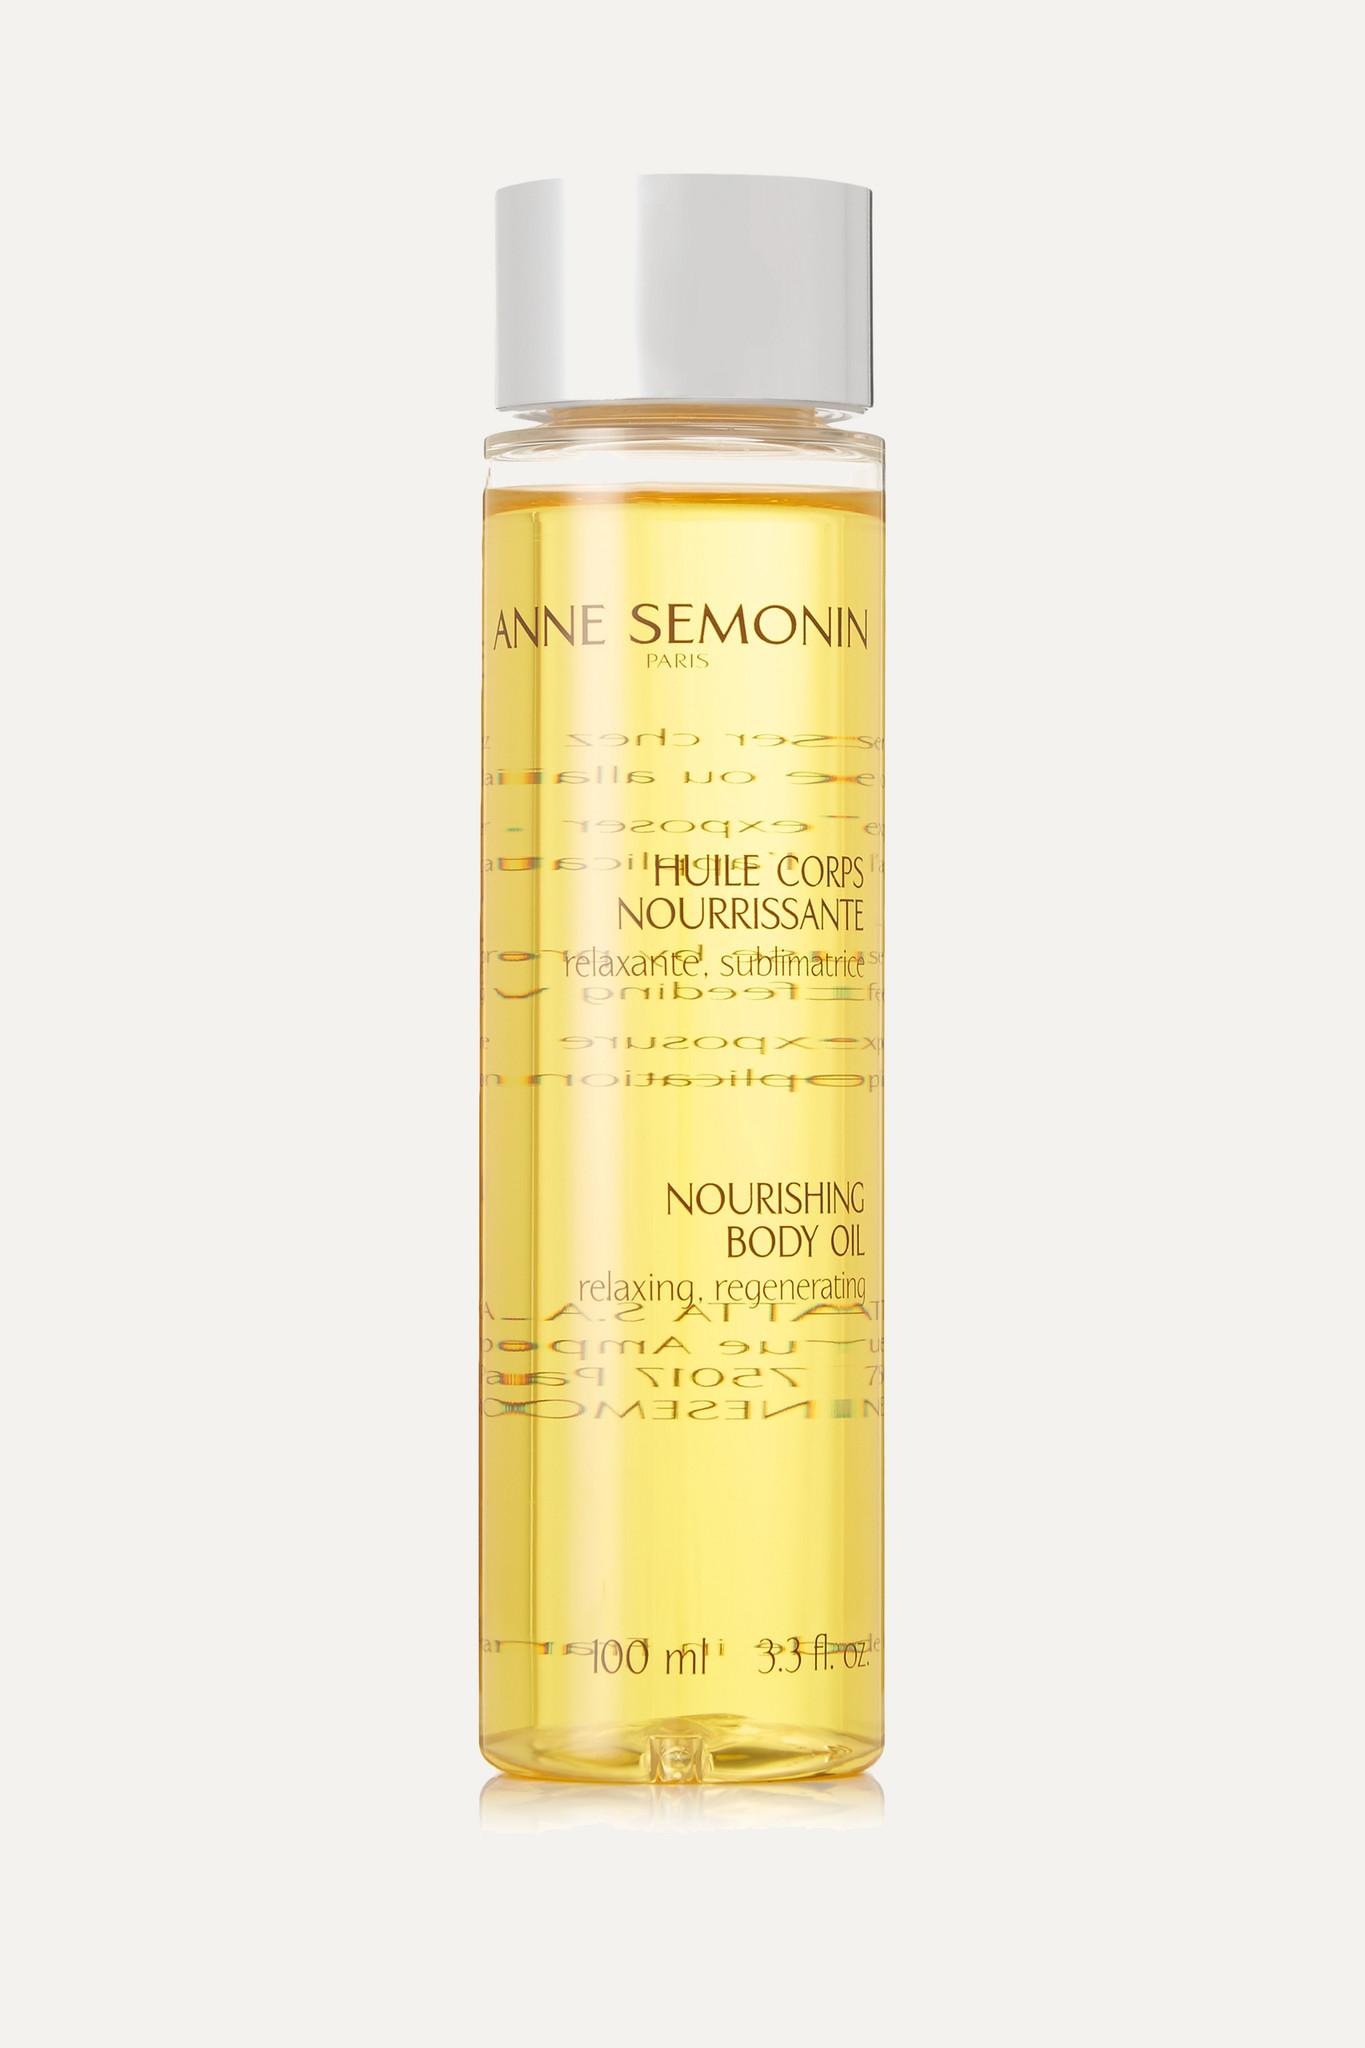 ANNE SEMONIN - Nourishing Body Oil, 100ml - one size